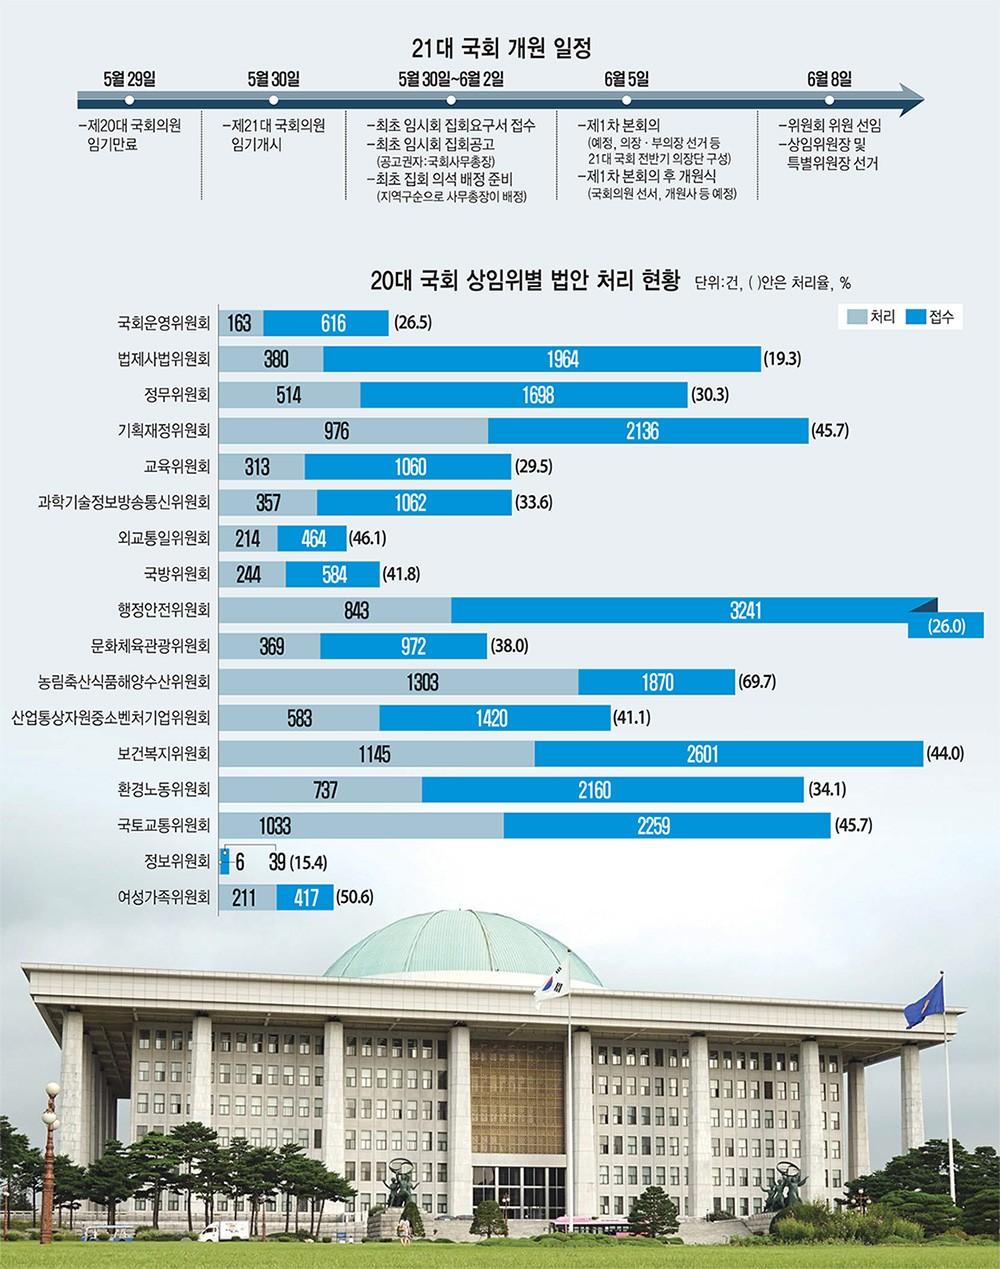 [이슈분석]21대 국회 4년, '일하는 국회' 첫 과제에 성패 달려